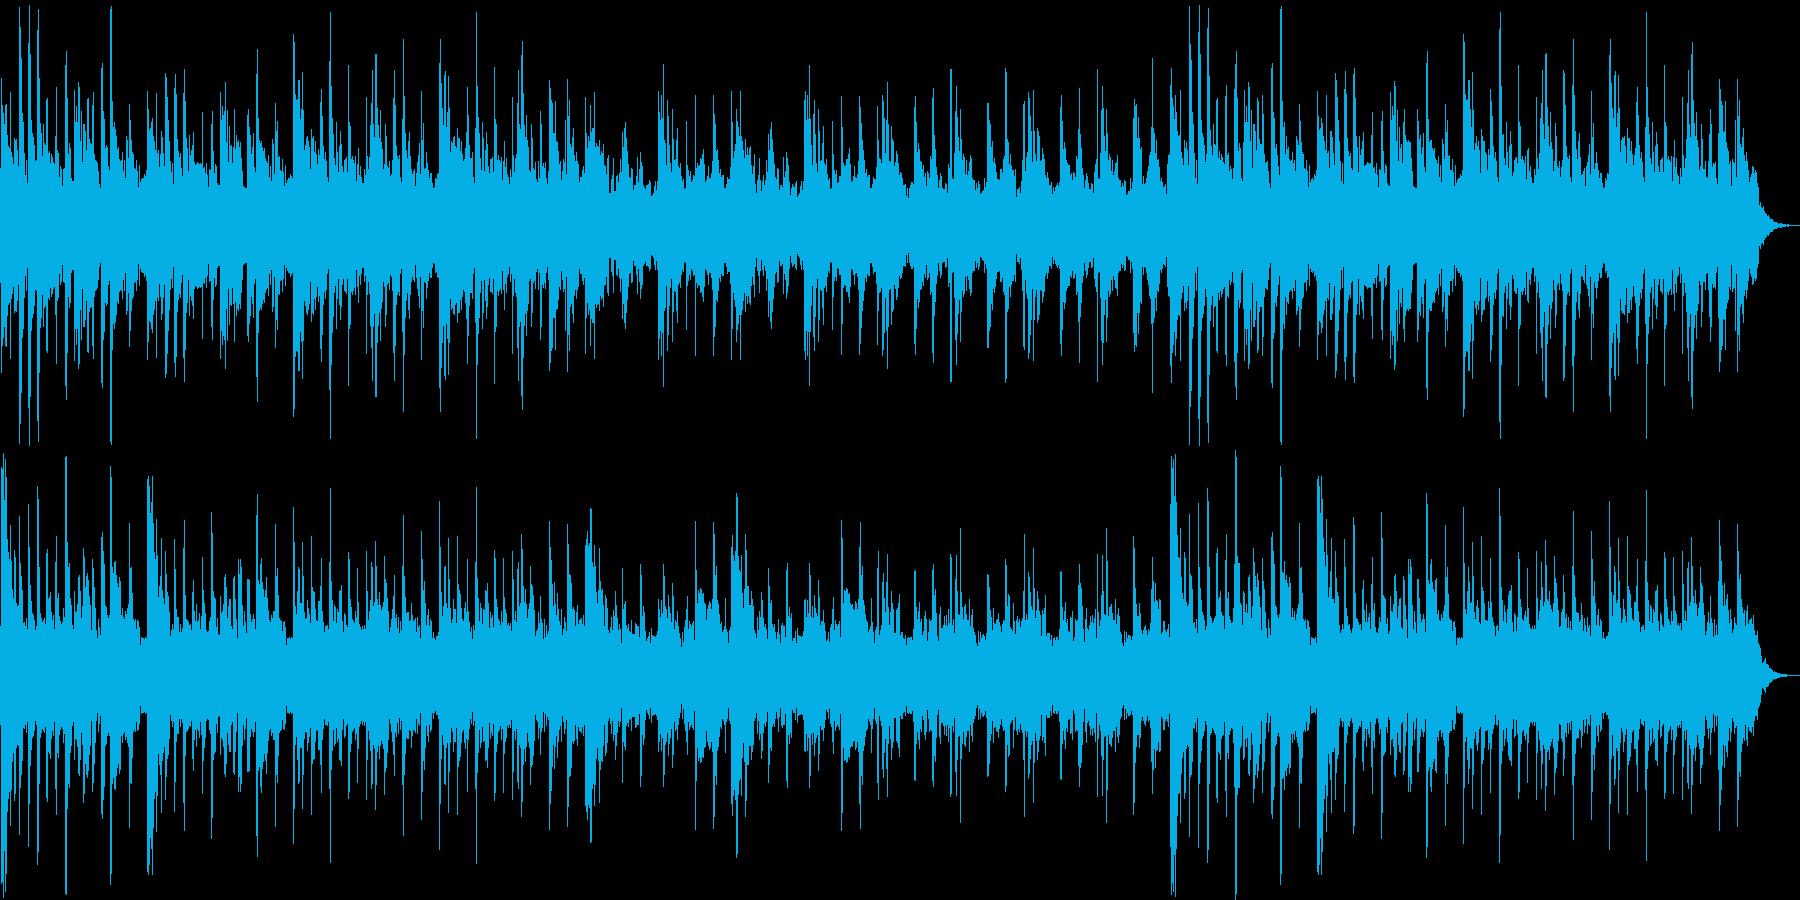 優しい癒し系シンセサイザーサウンドの再生済みの波形